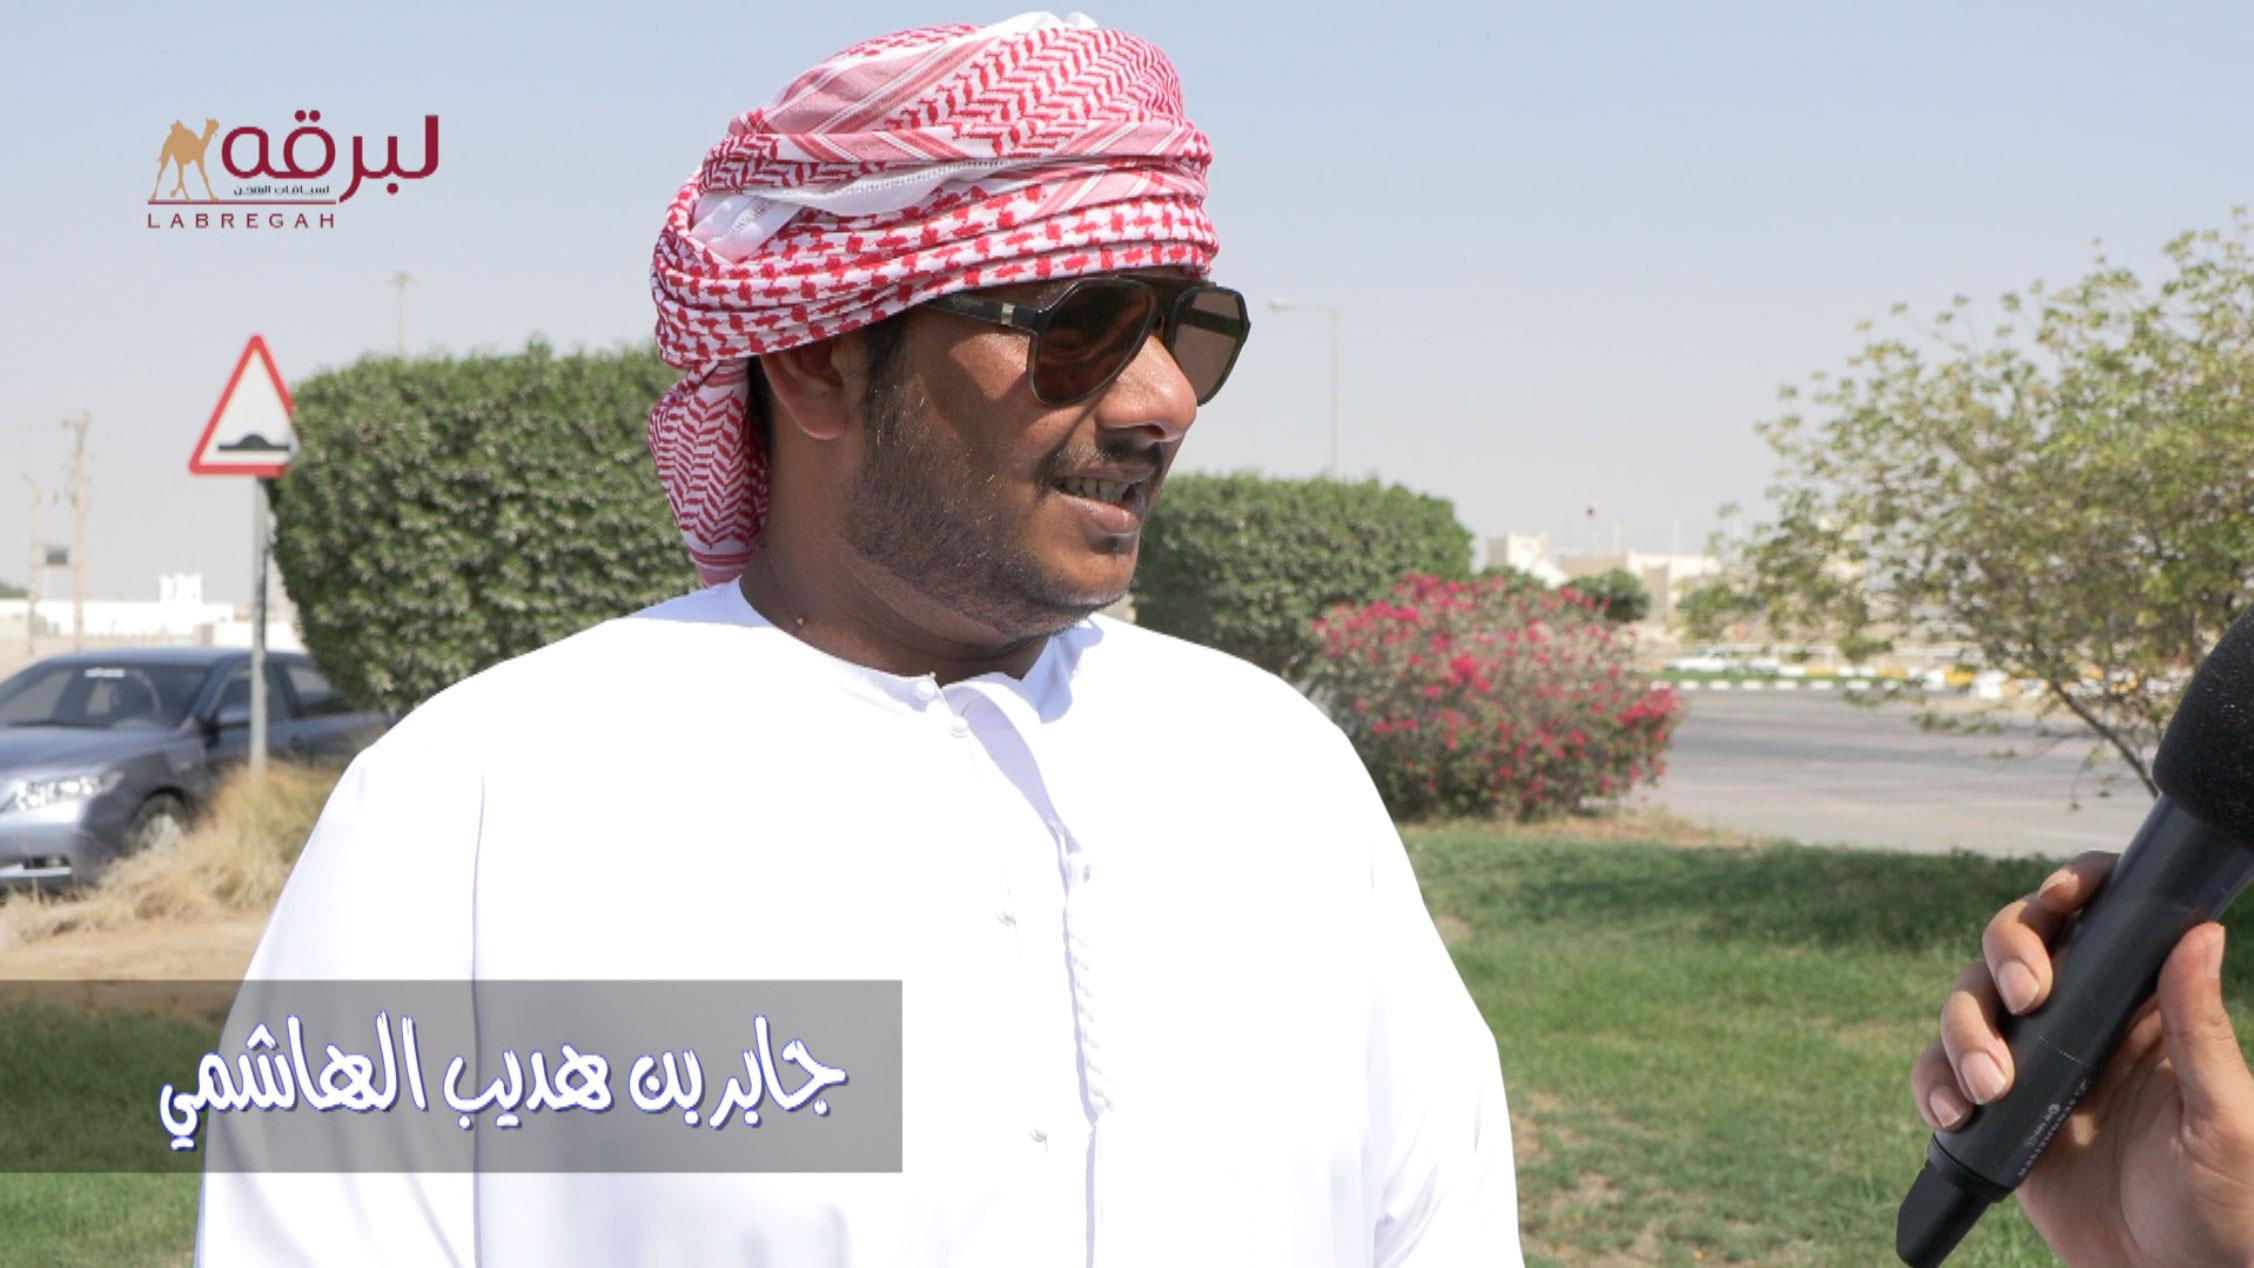 لقاء مع جابر بن هديب الهاشمي.. الشوط الرئيسي للحقايق بكار (مفتوح) ميدان الشحانية ١٩-٩-٢٠٢١